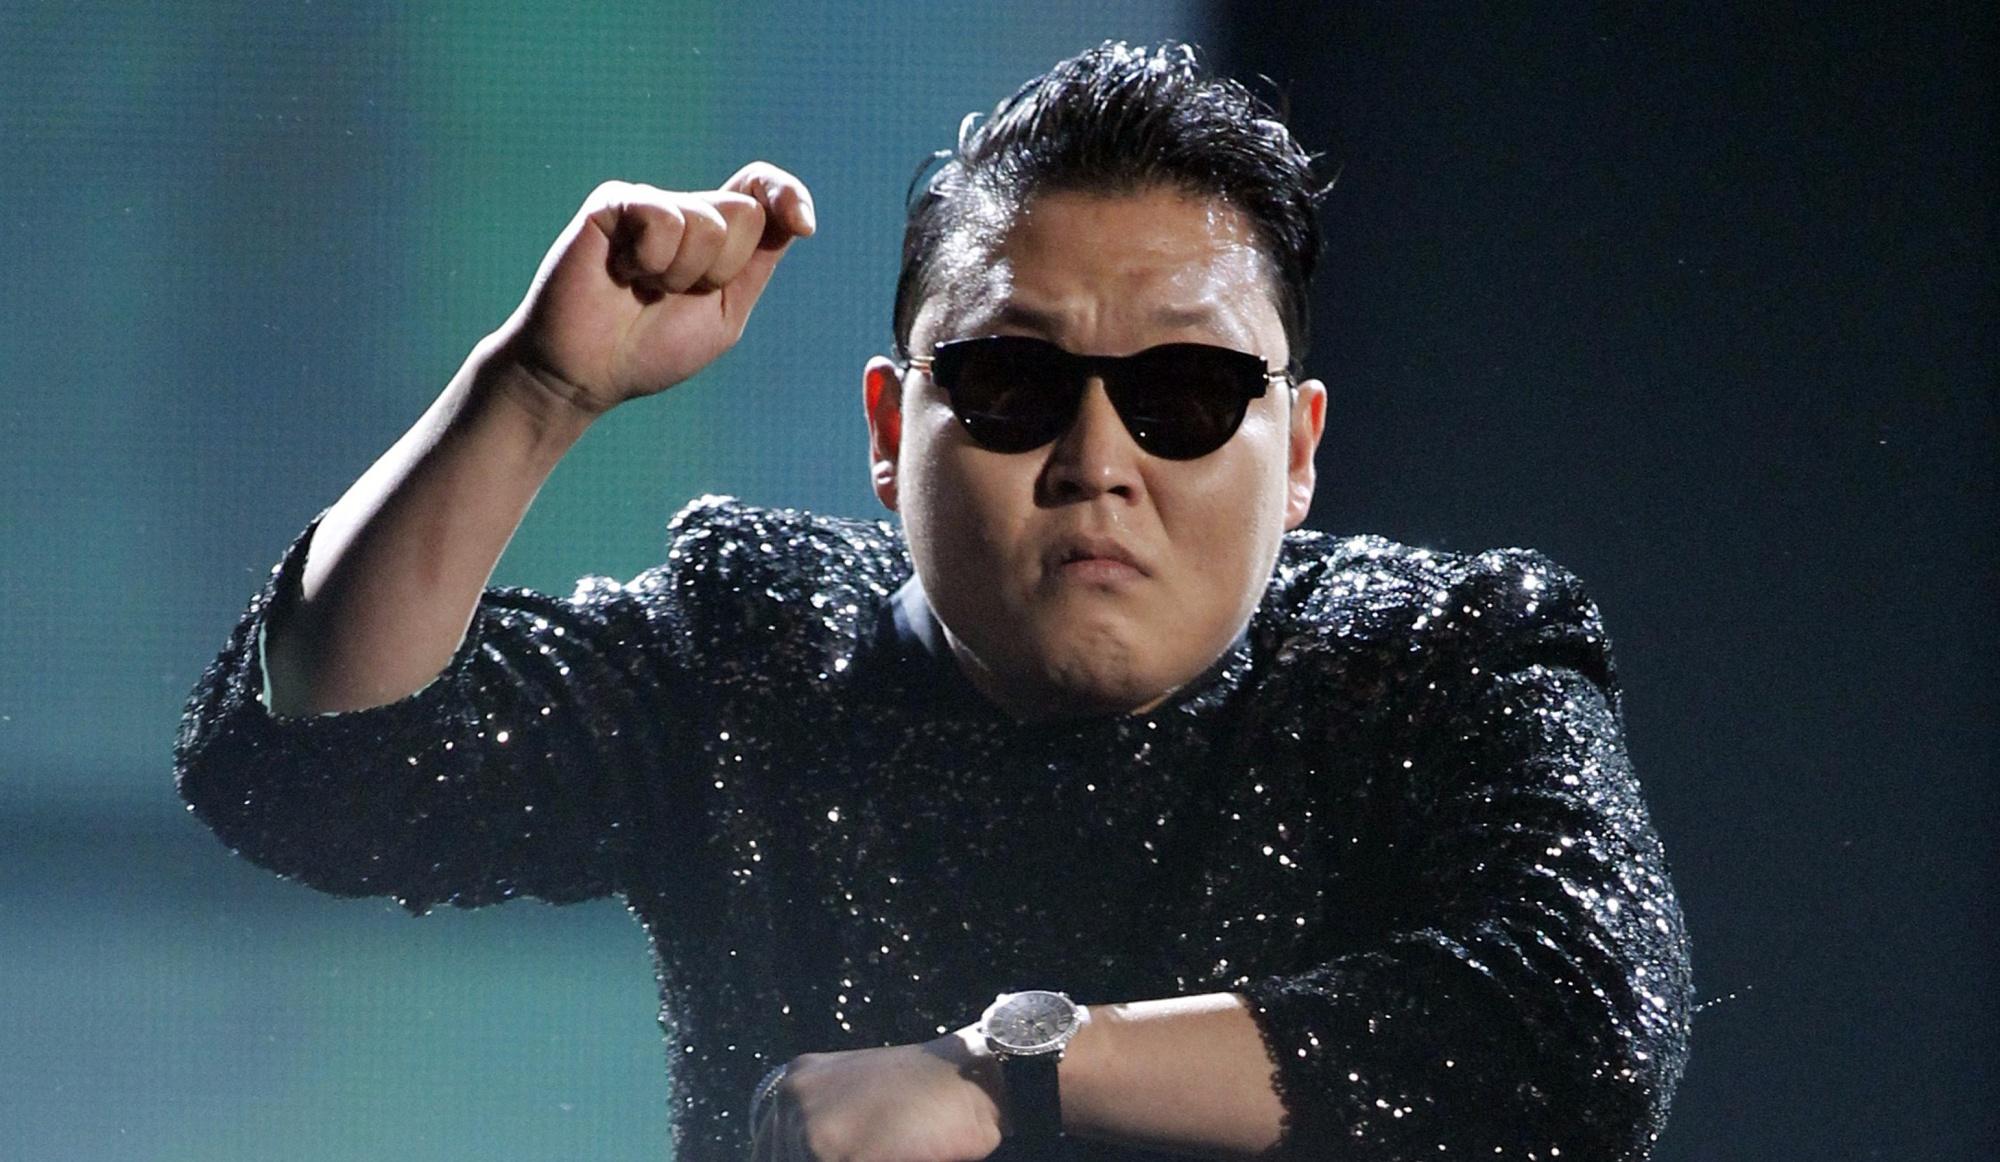 Vidéo de Psy Gentleman, succès ou pas?